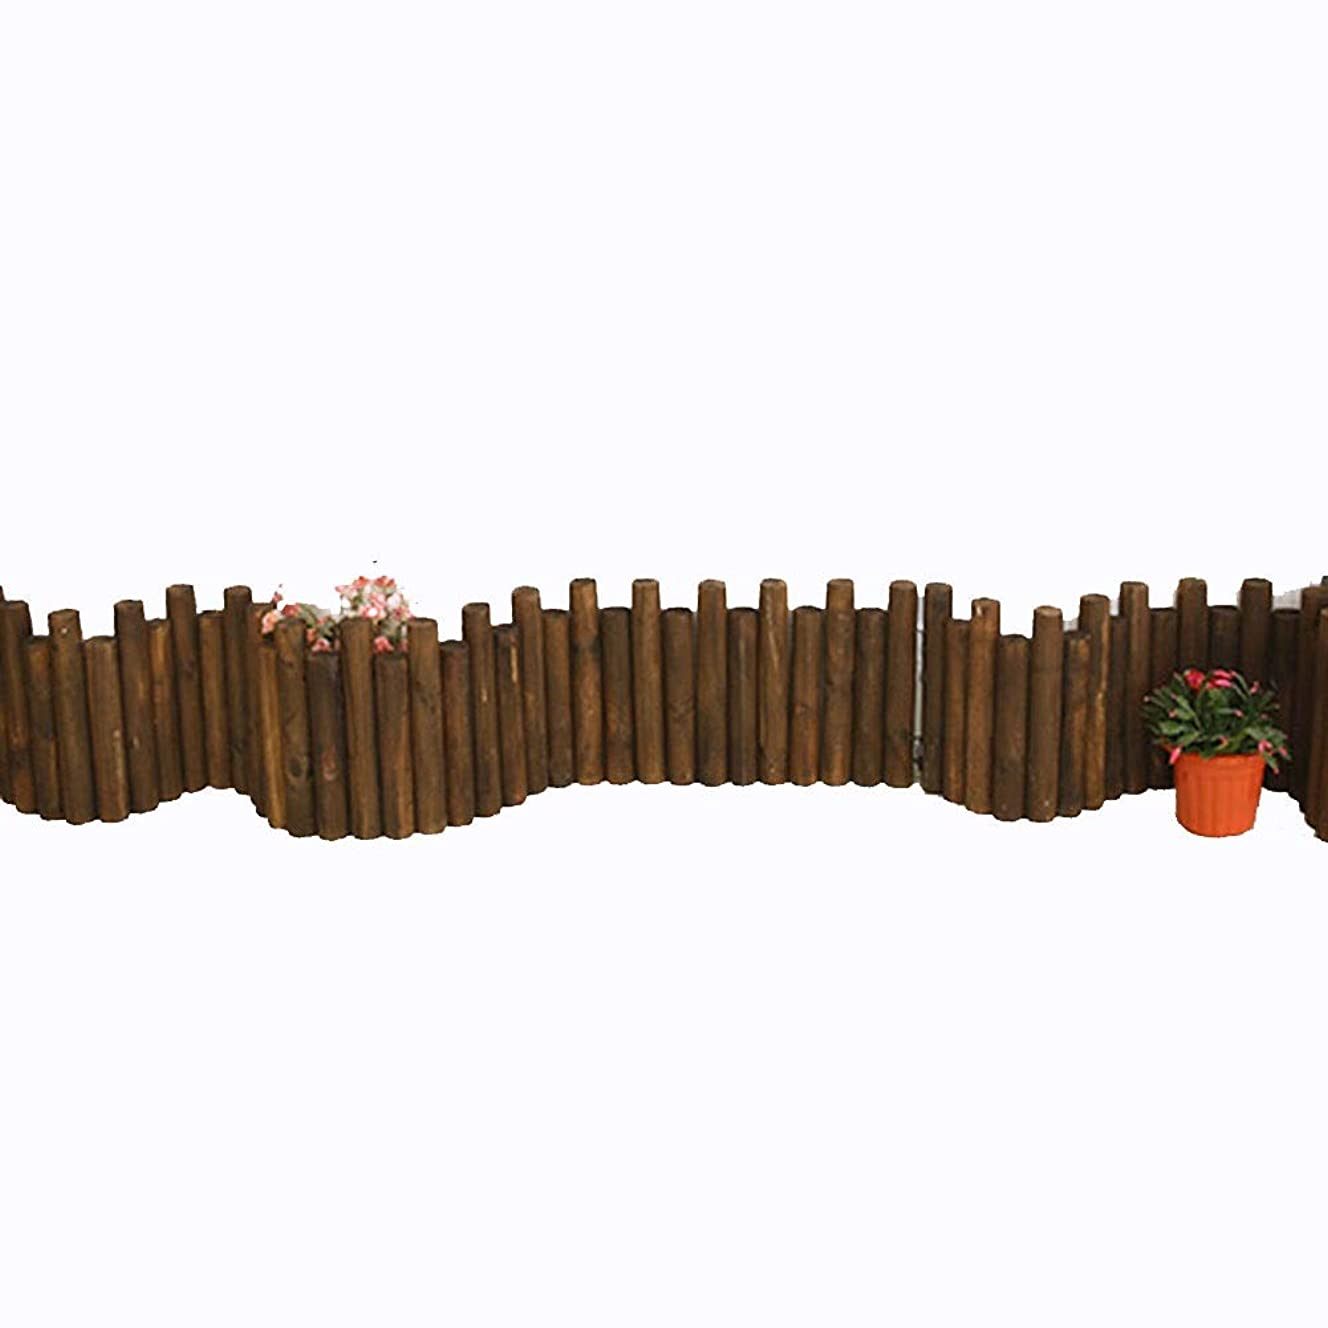 ホイップ生物学マエストロYYFANG 木製フェンス高温炭化の防蝕設計円柱木の棒の装飾的な庭、9サイズ (Color : Brown, Size : 90x50cm)